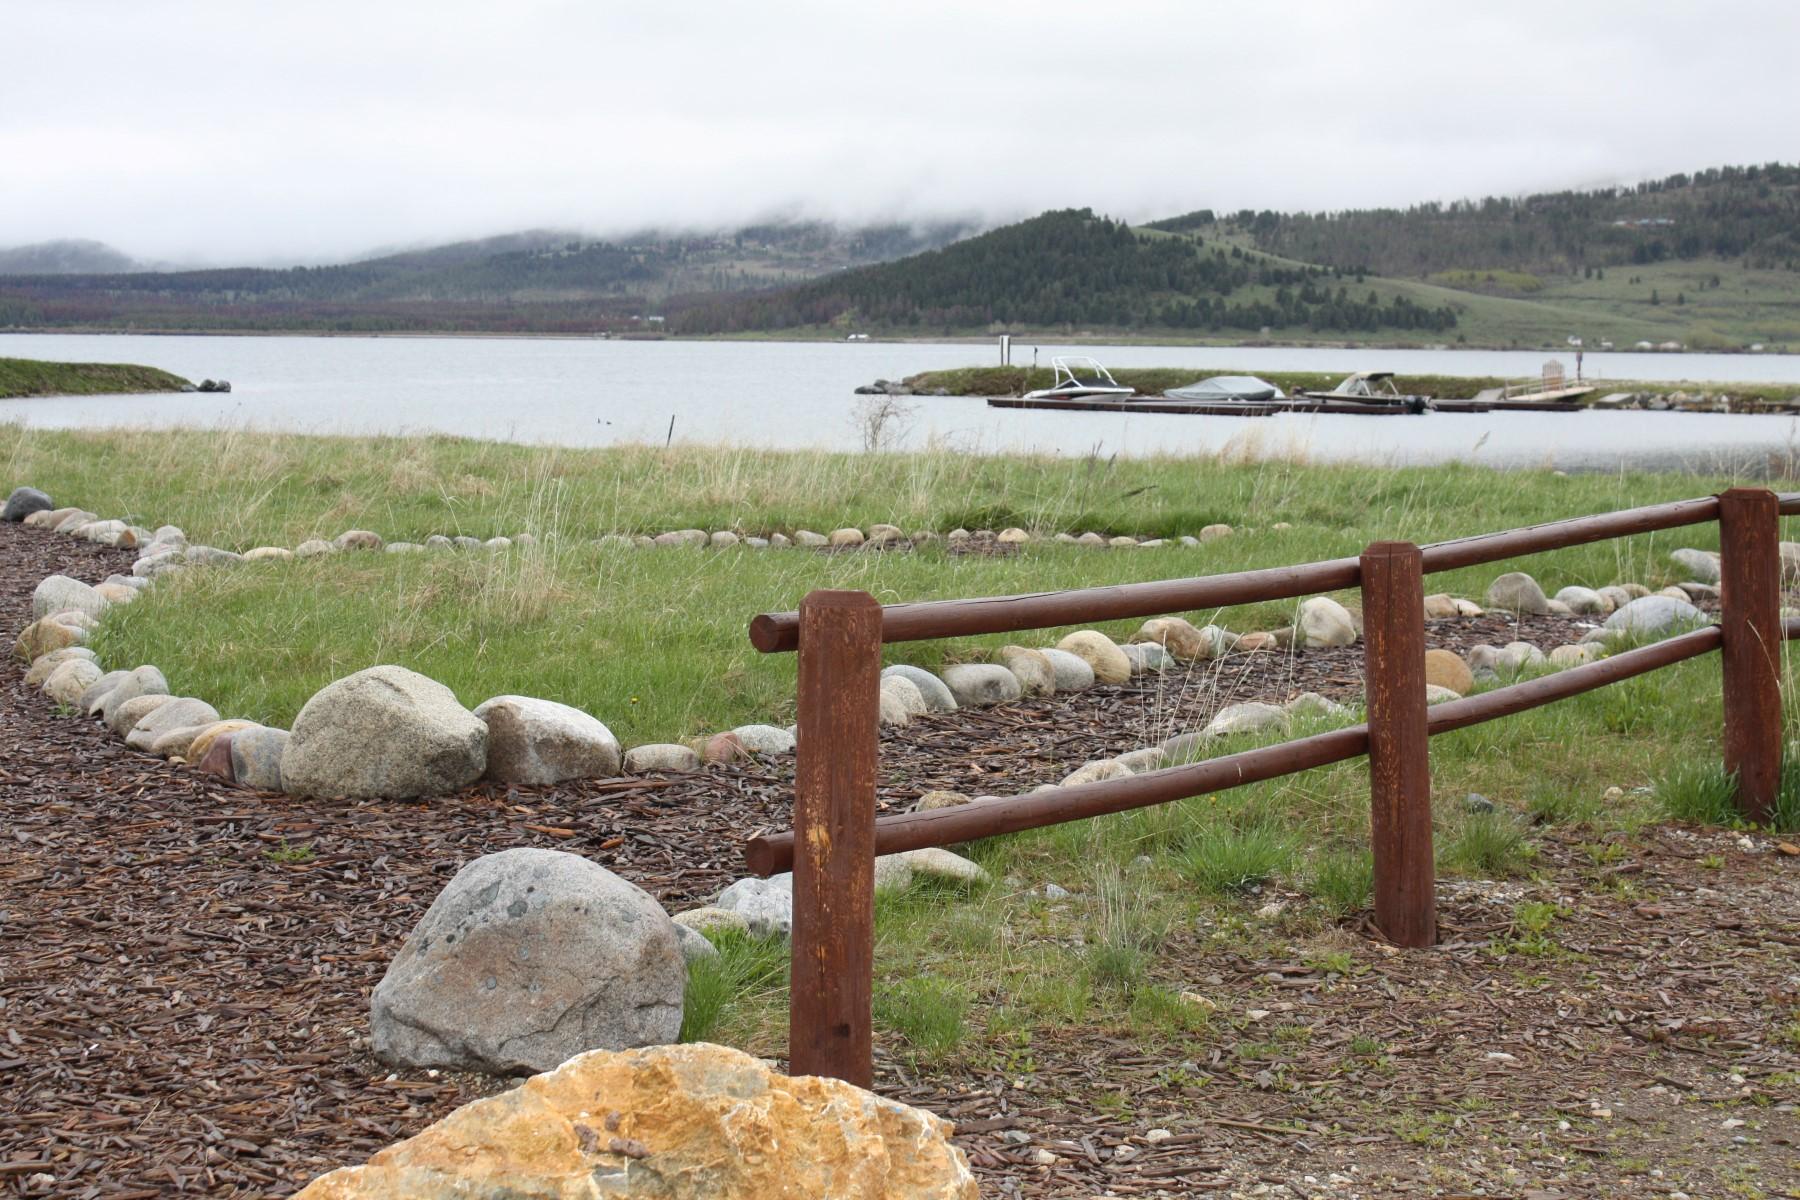 Terreno por un Venta en Lot 16 Manna Vista, Anaconda, MT 59711 Lot 16 Manna Vista Anaconda, Montana, 59711 Estados Unidos